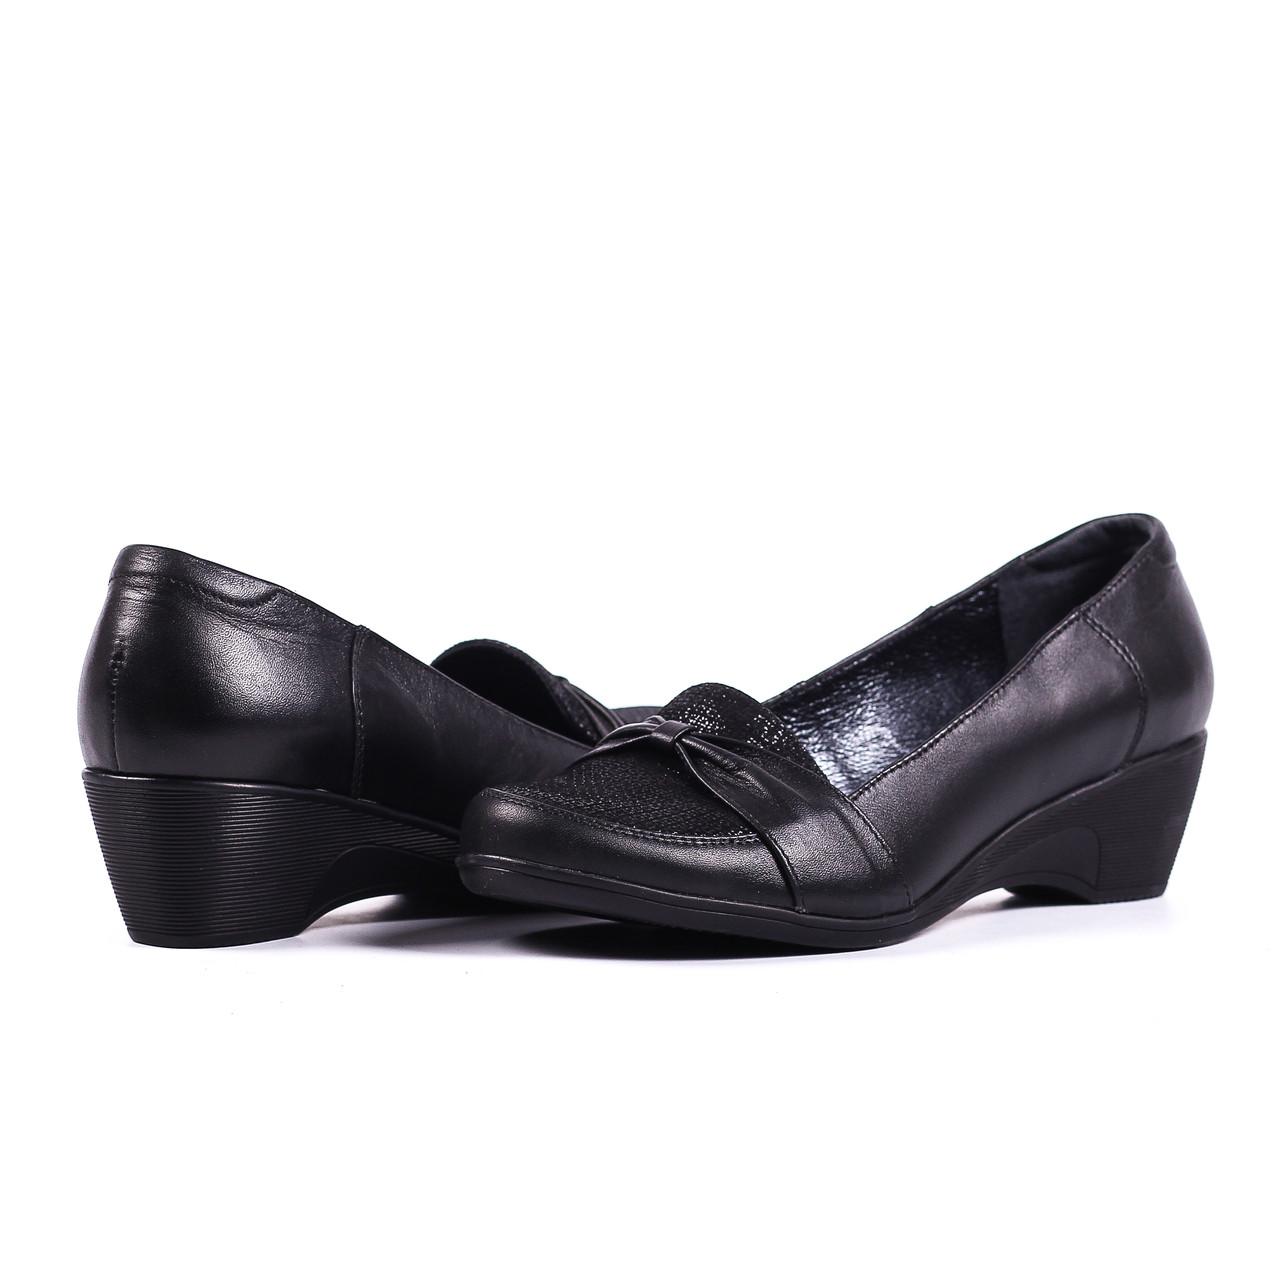 4fa2b8049 Модные туфли на невысокой скрытой танкетке туфли на невысокой скрытой  танкетке - Marigo - обувь женская